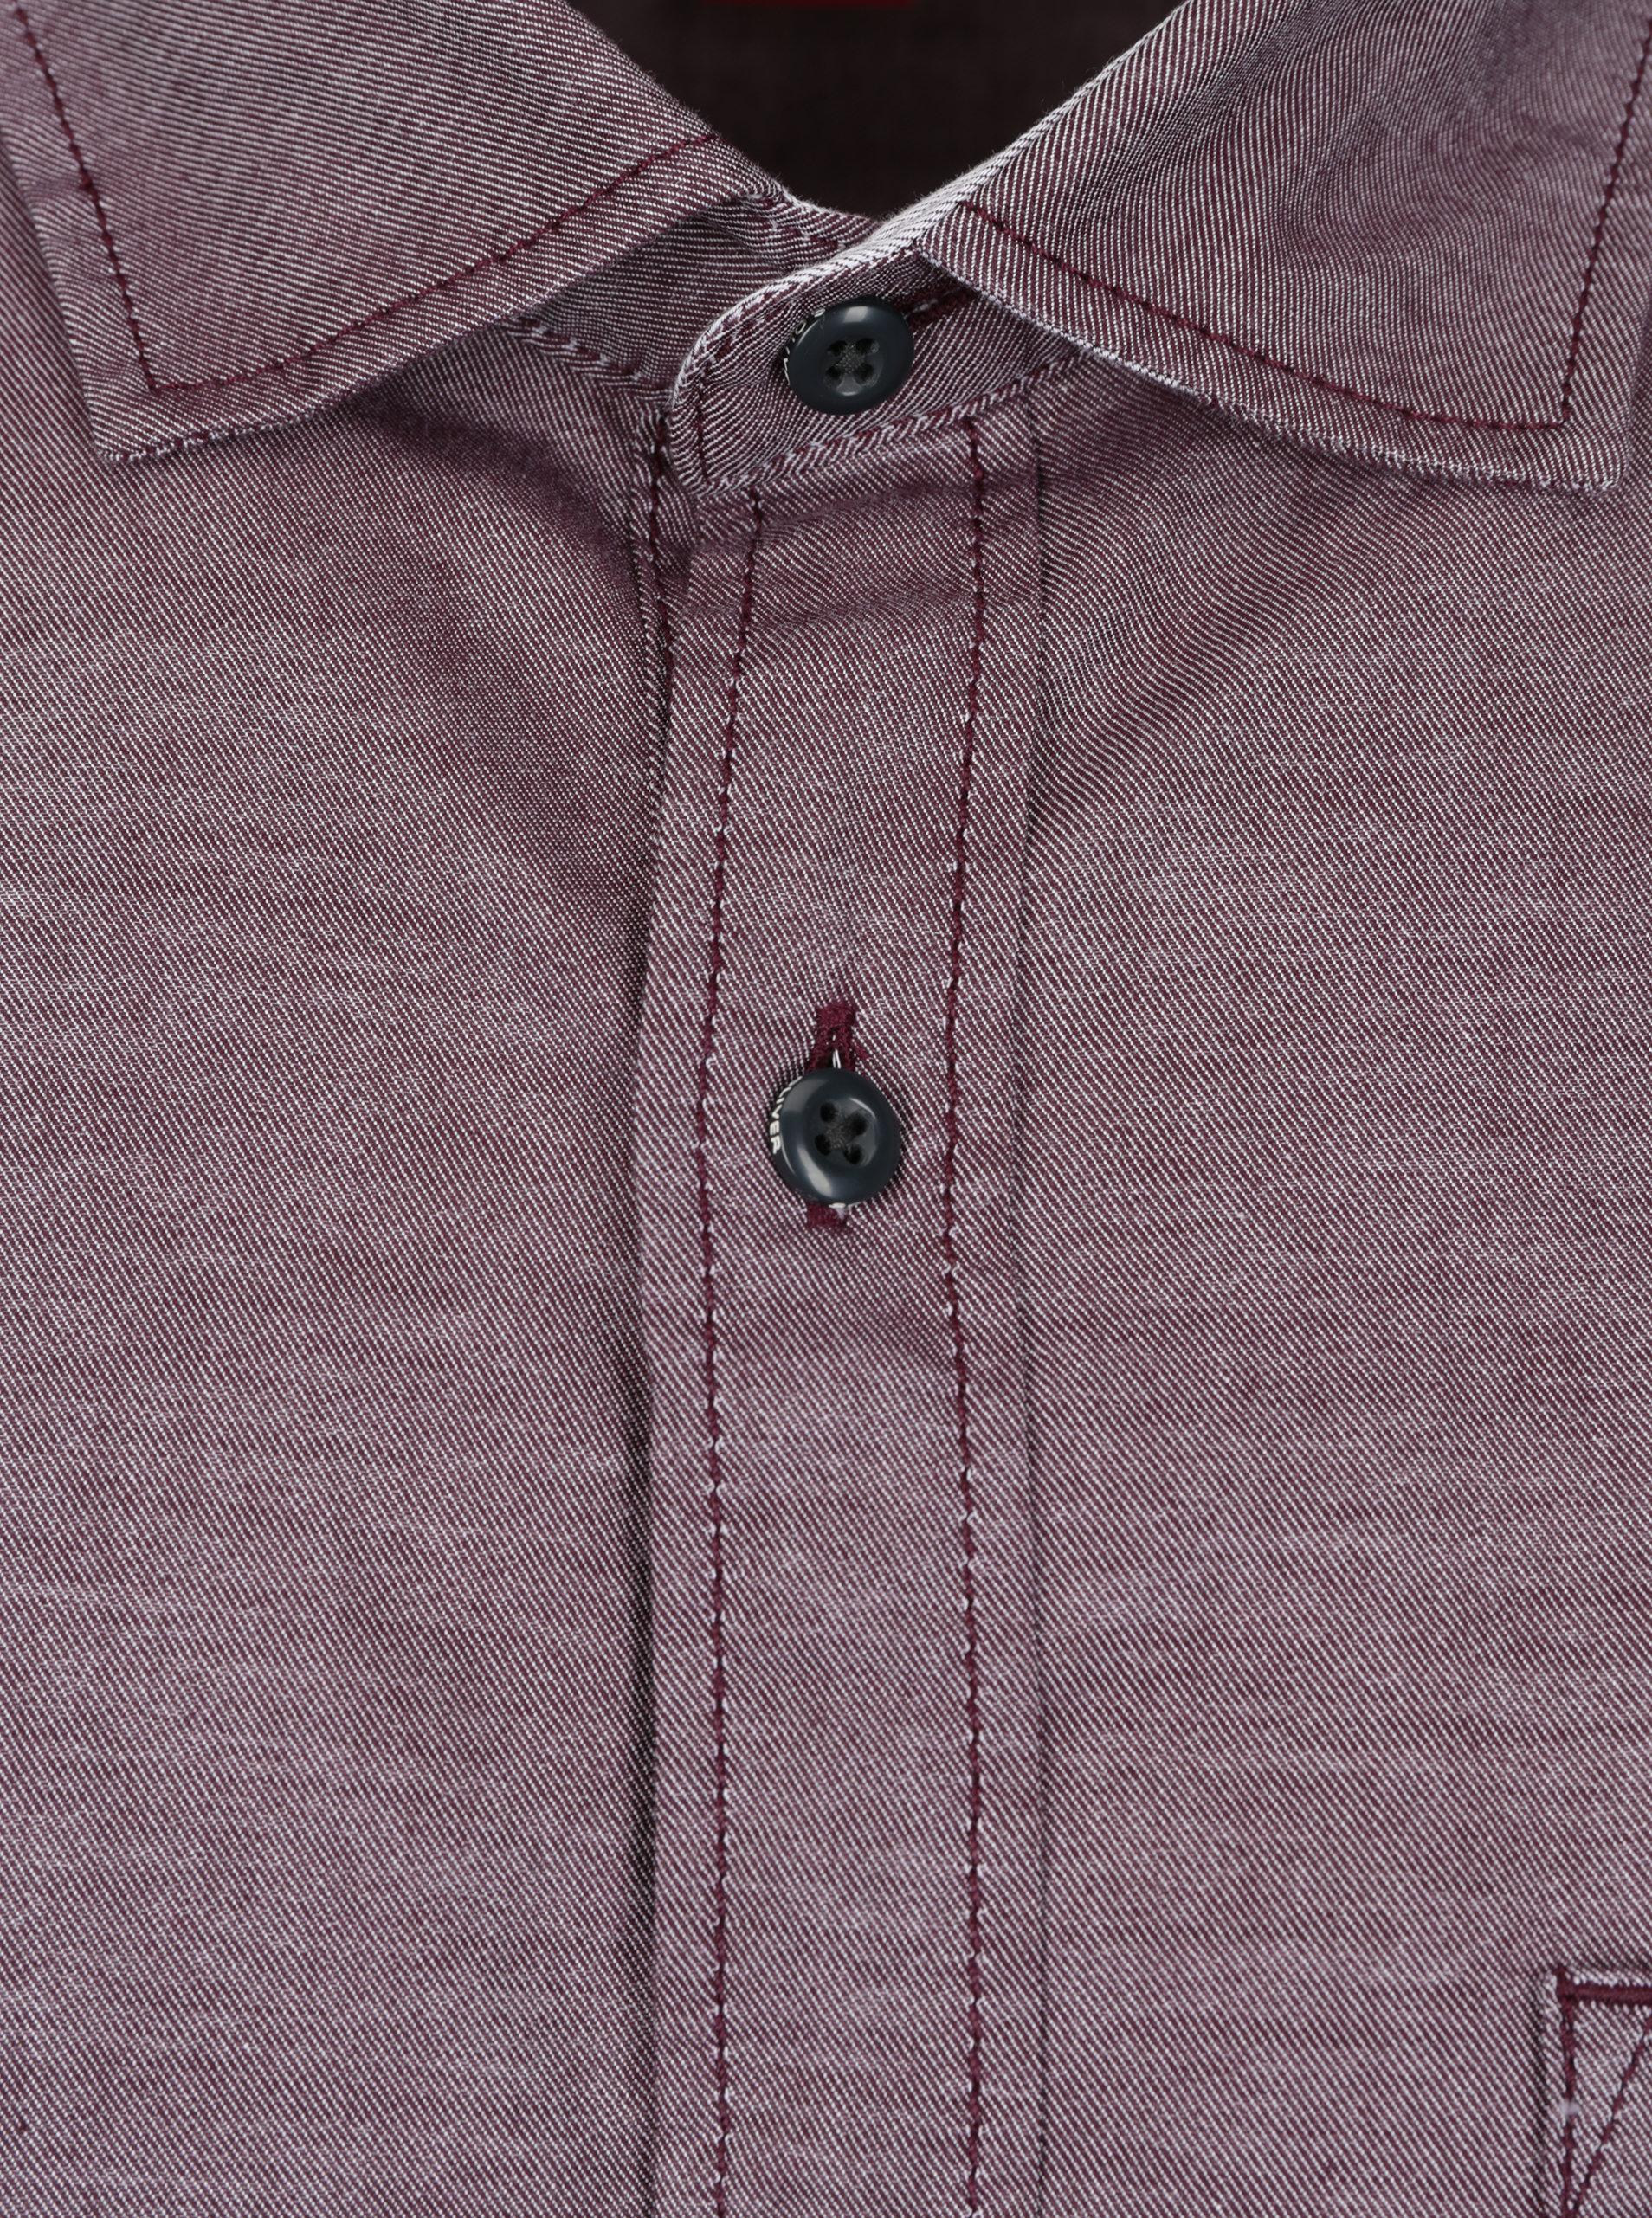 f1ddd0c243c Vínová pánská slim fit košile s jemným vzorem s.Oliver